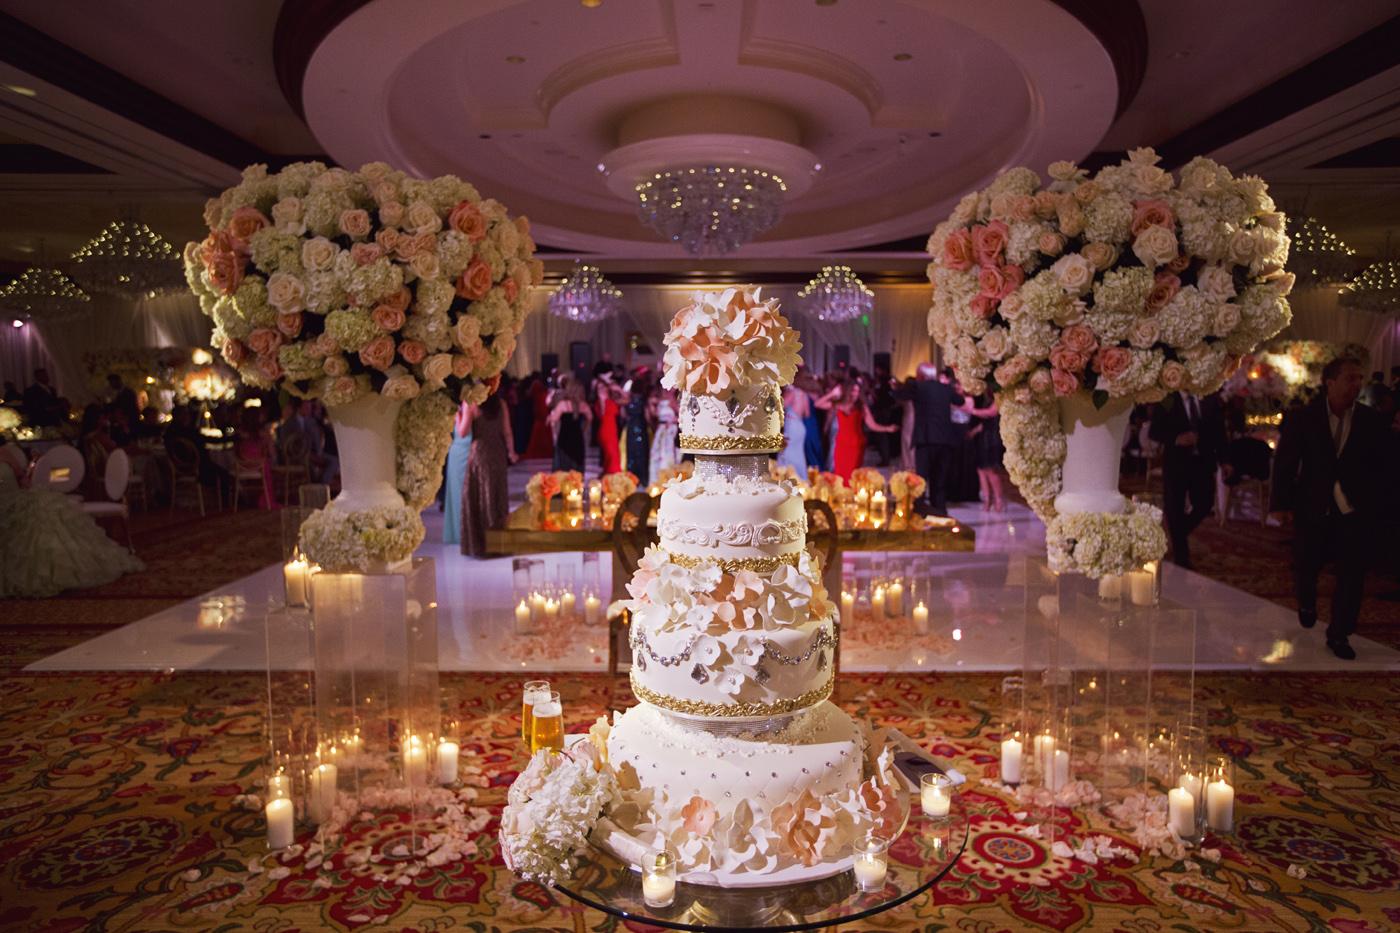 062_DukePhotography_DukeImages_Wedding_Details.jpg